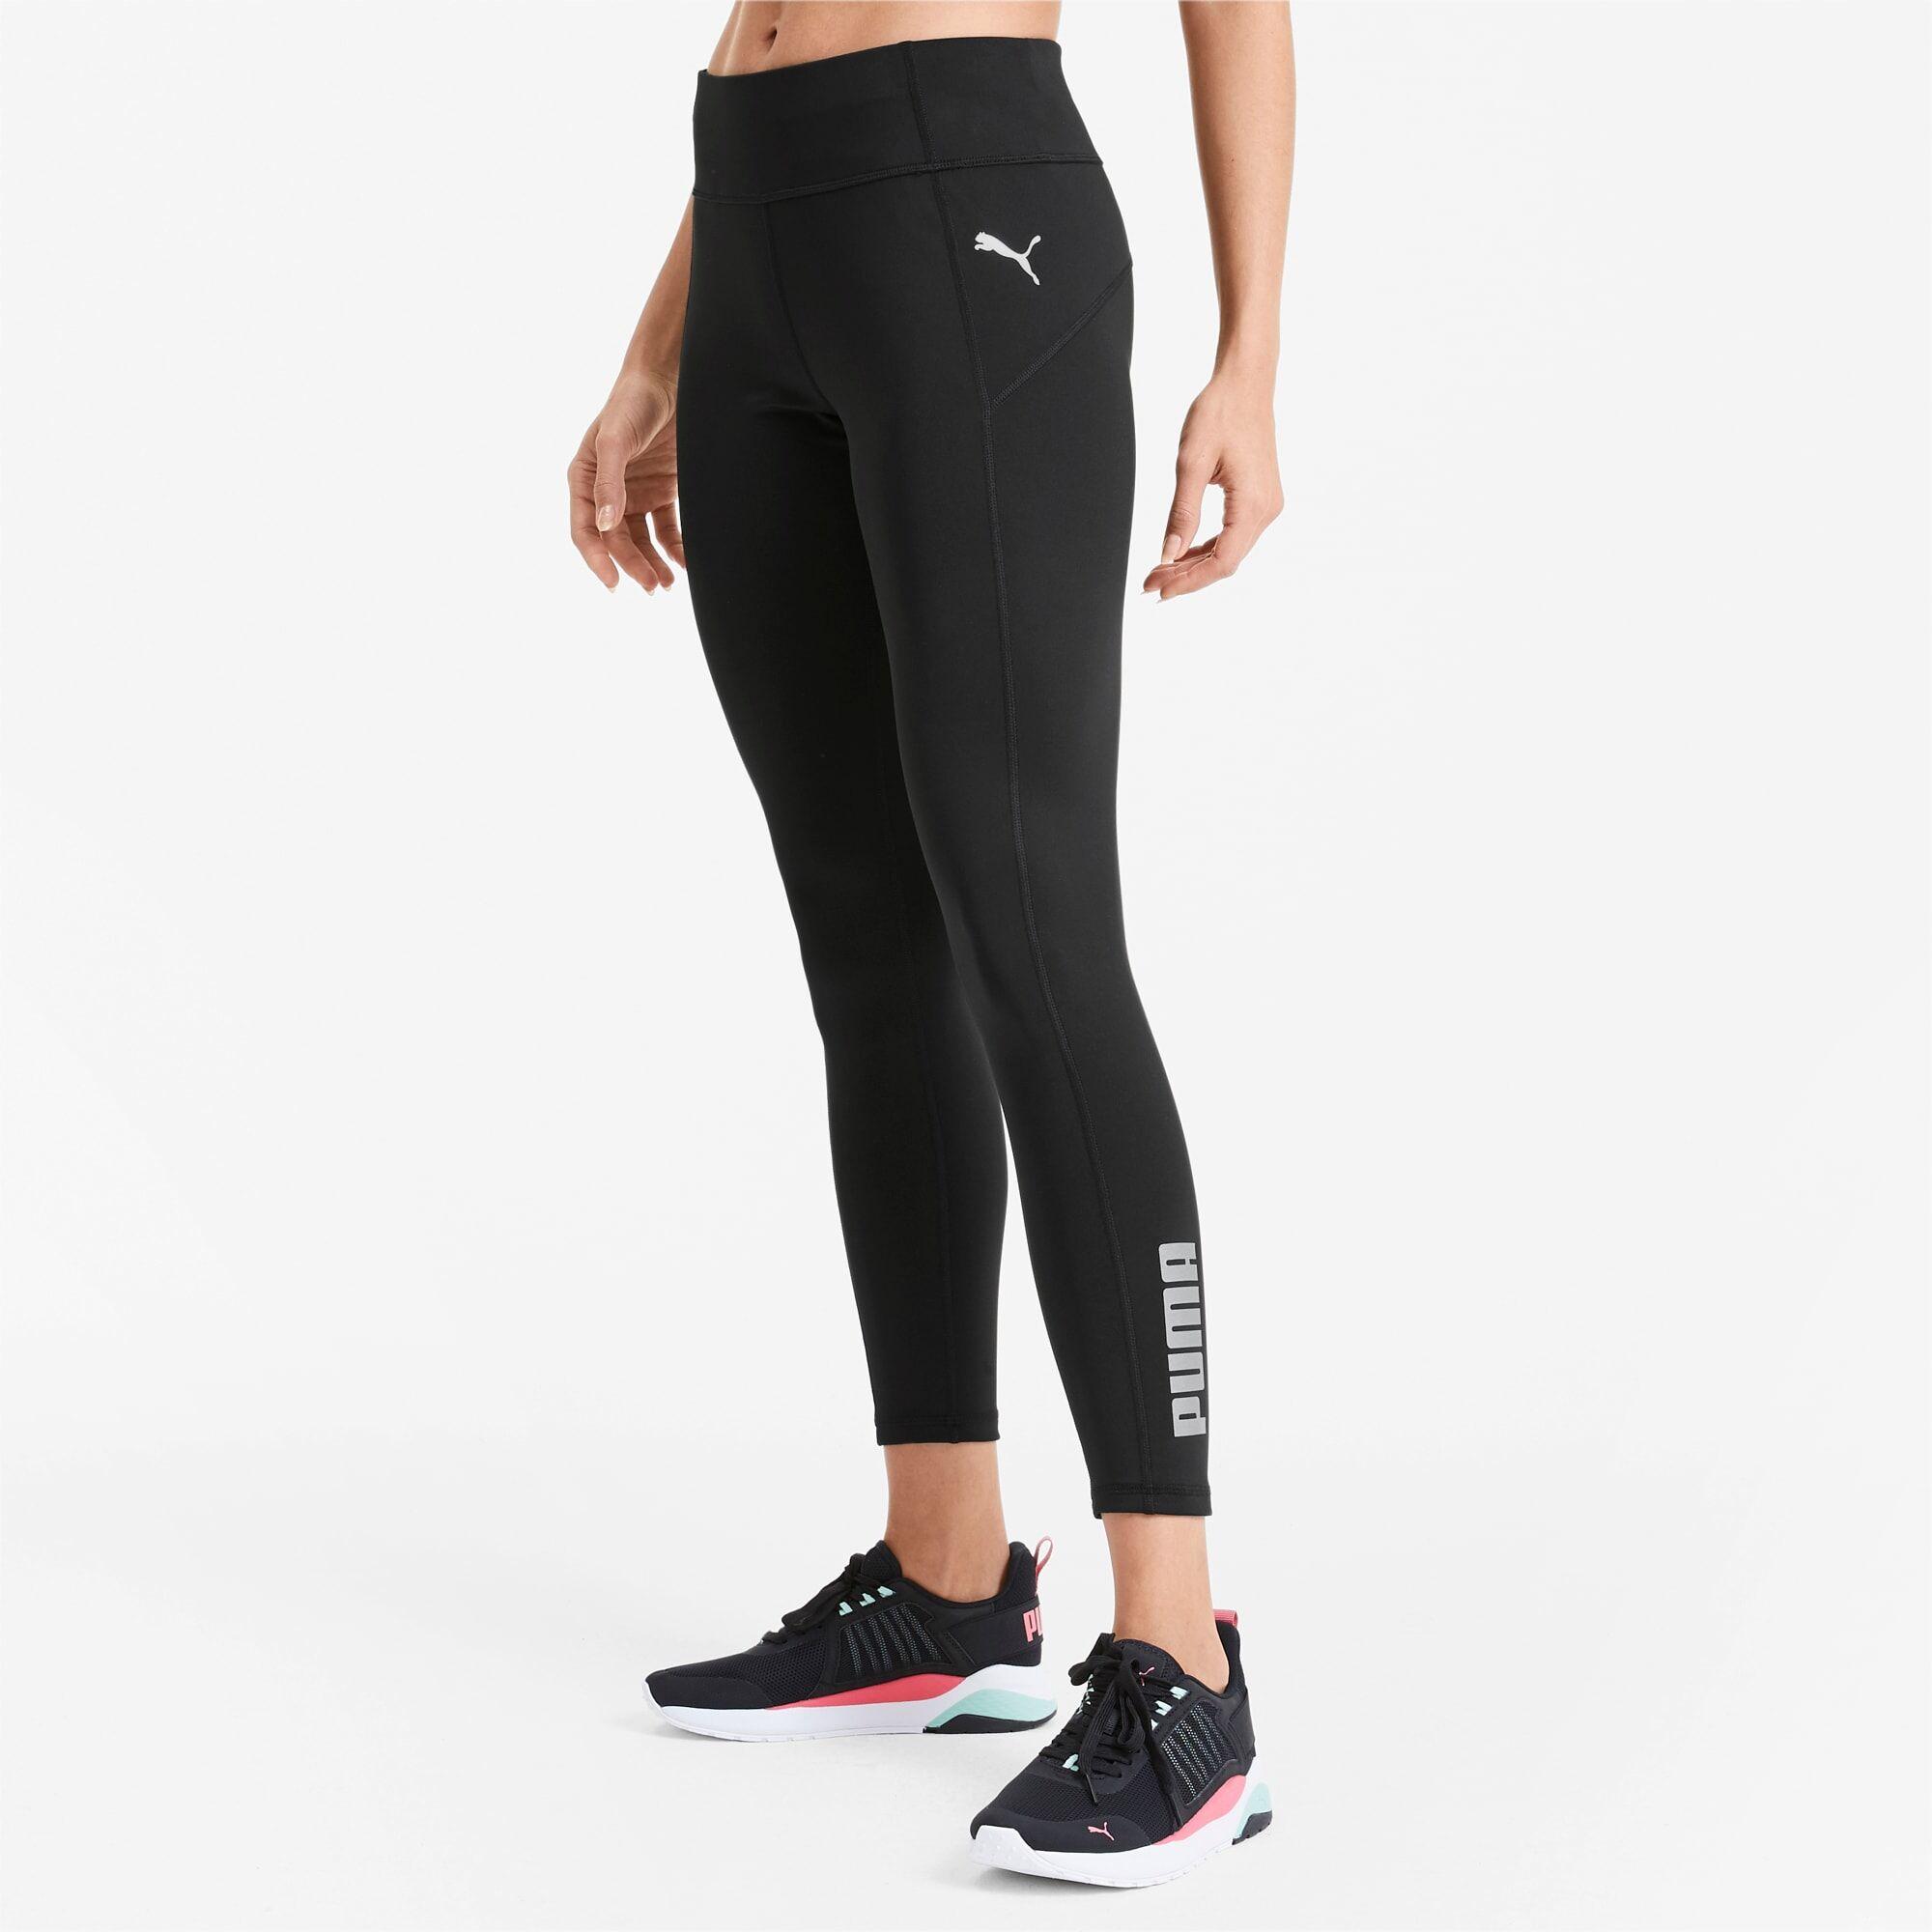 PUMA Collant Polyester Training pour Femme, Noir, Taille S, Vêtements